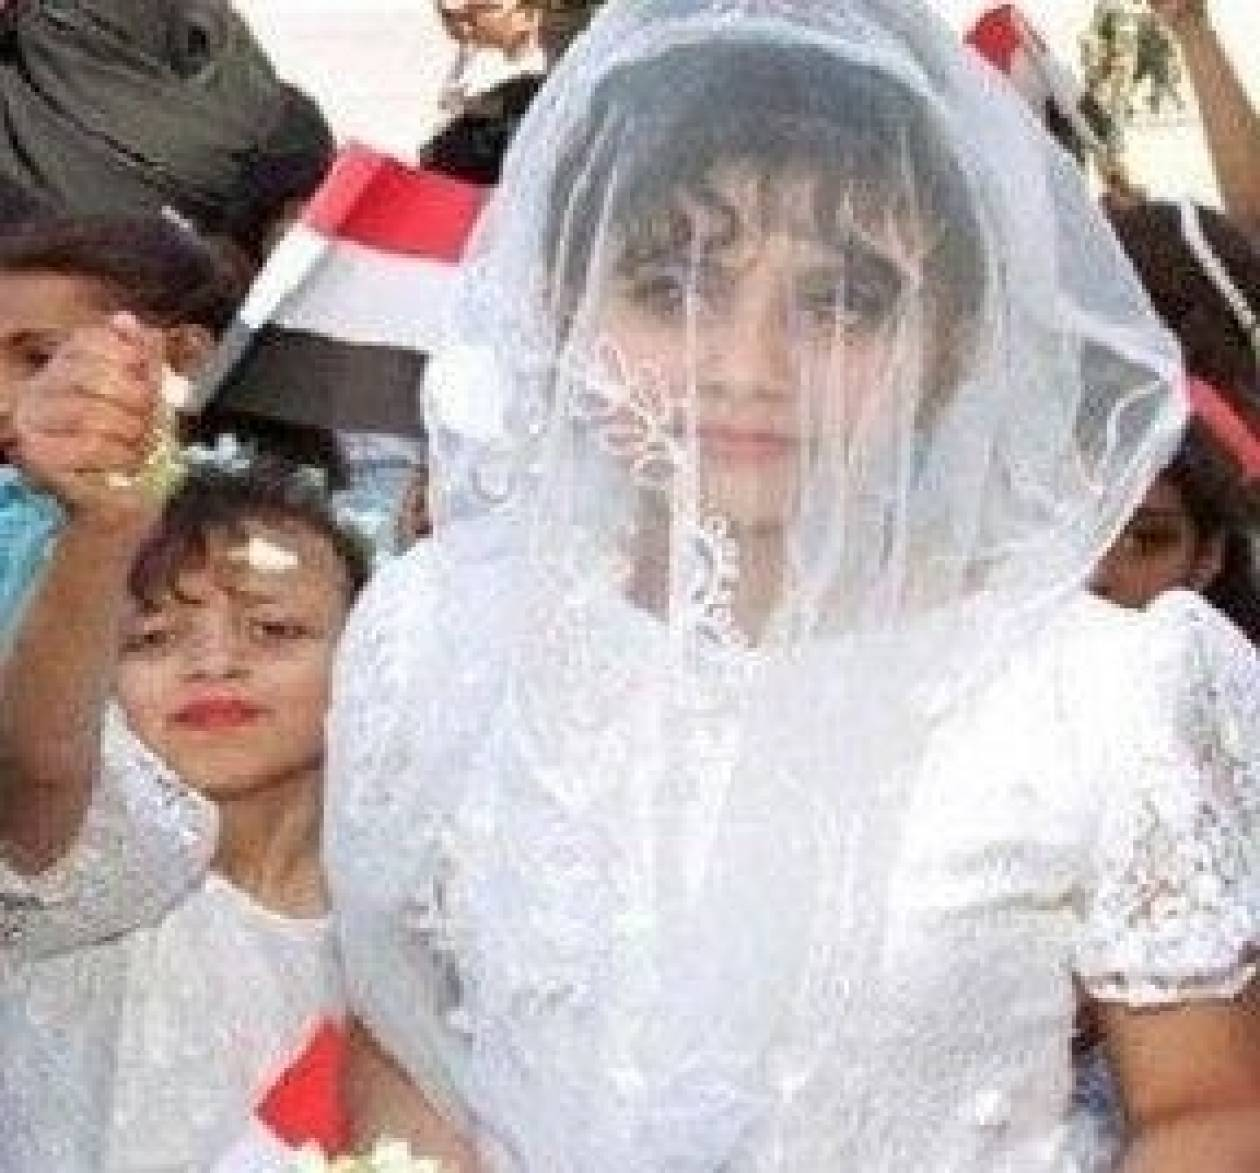 Απίστευτη κτηνωδία στην Υεμένη